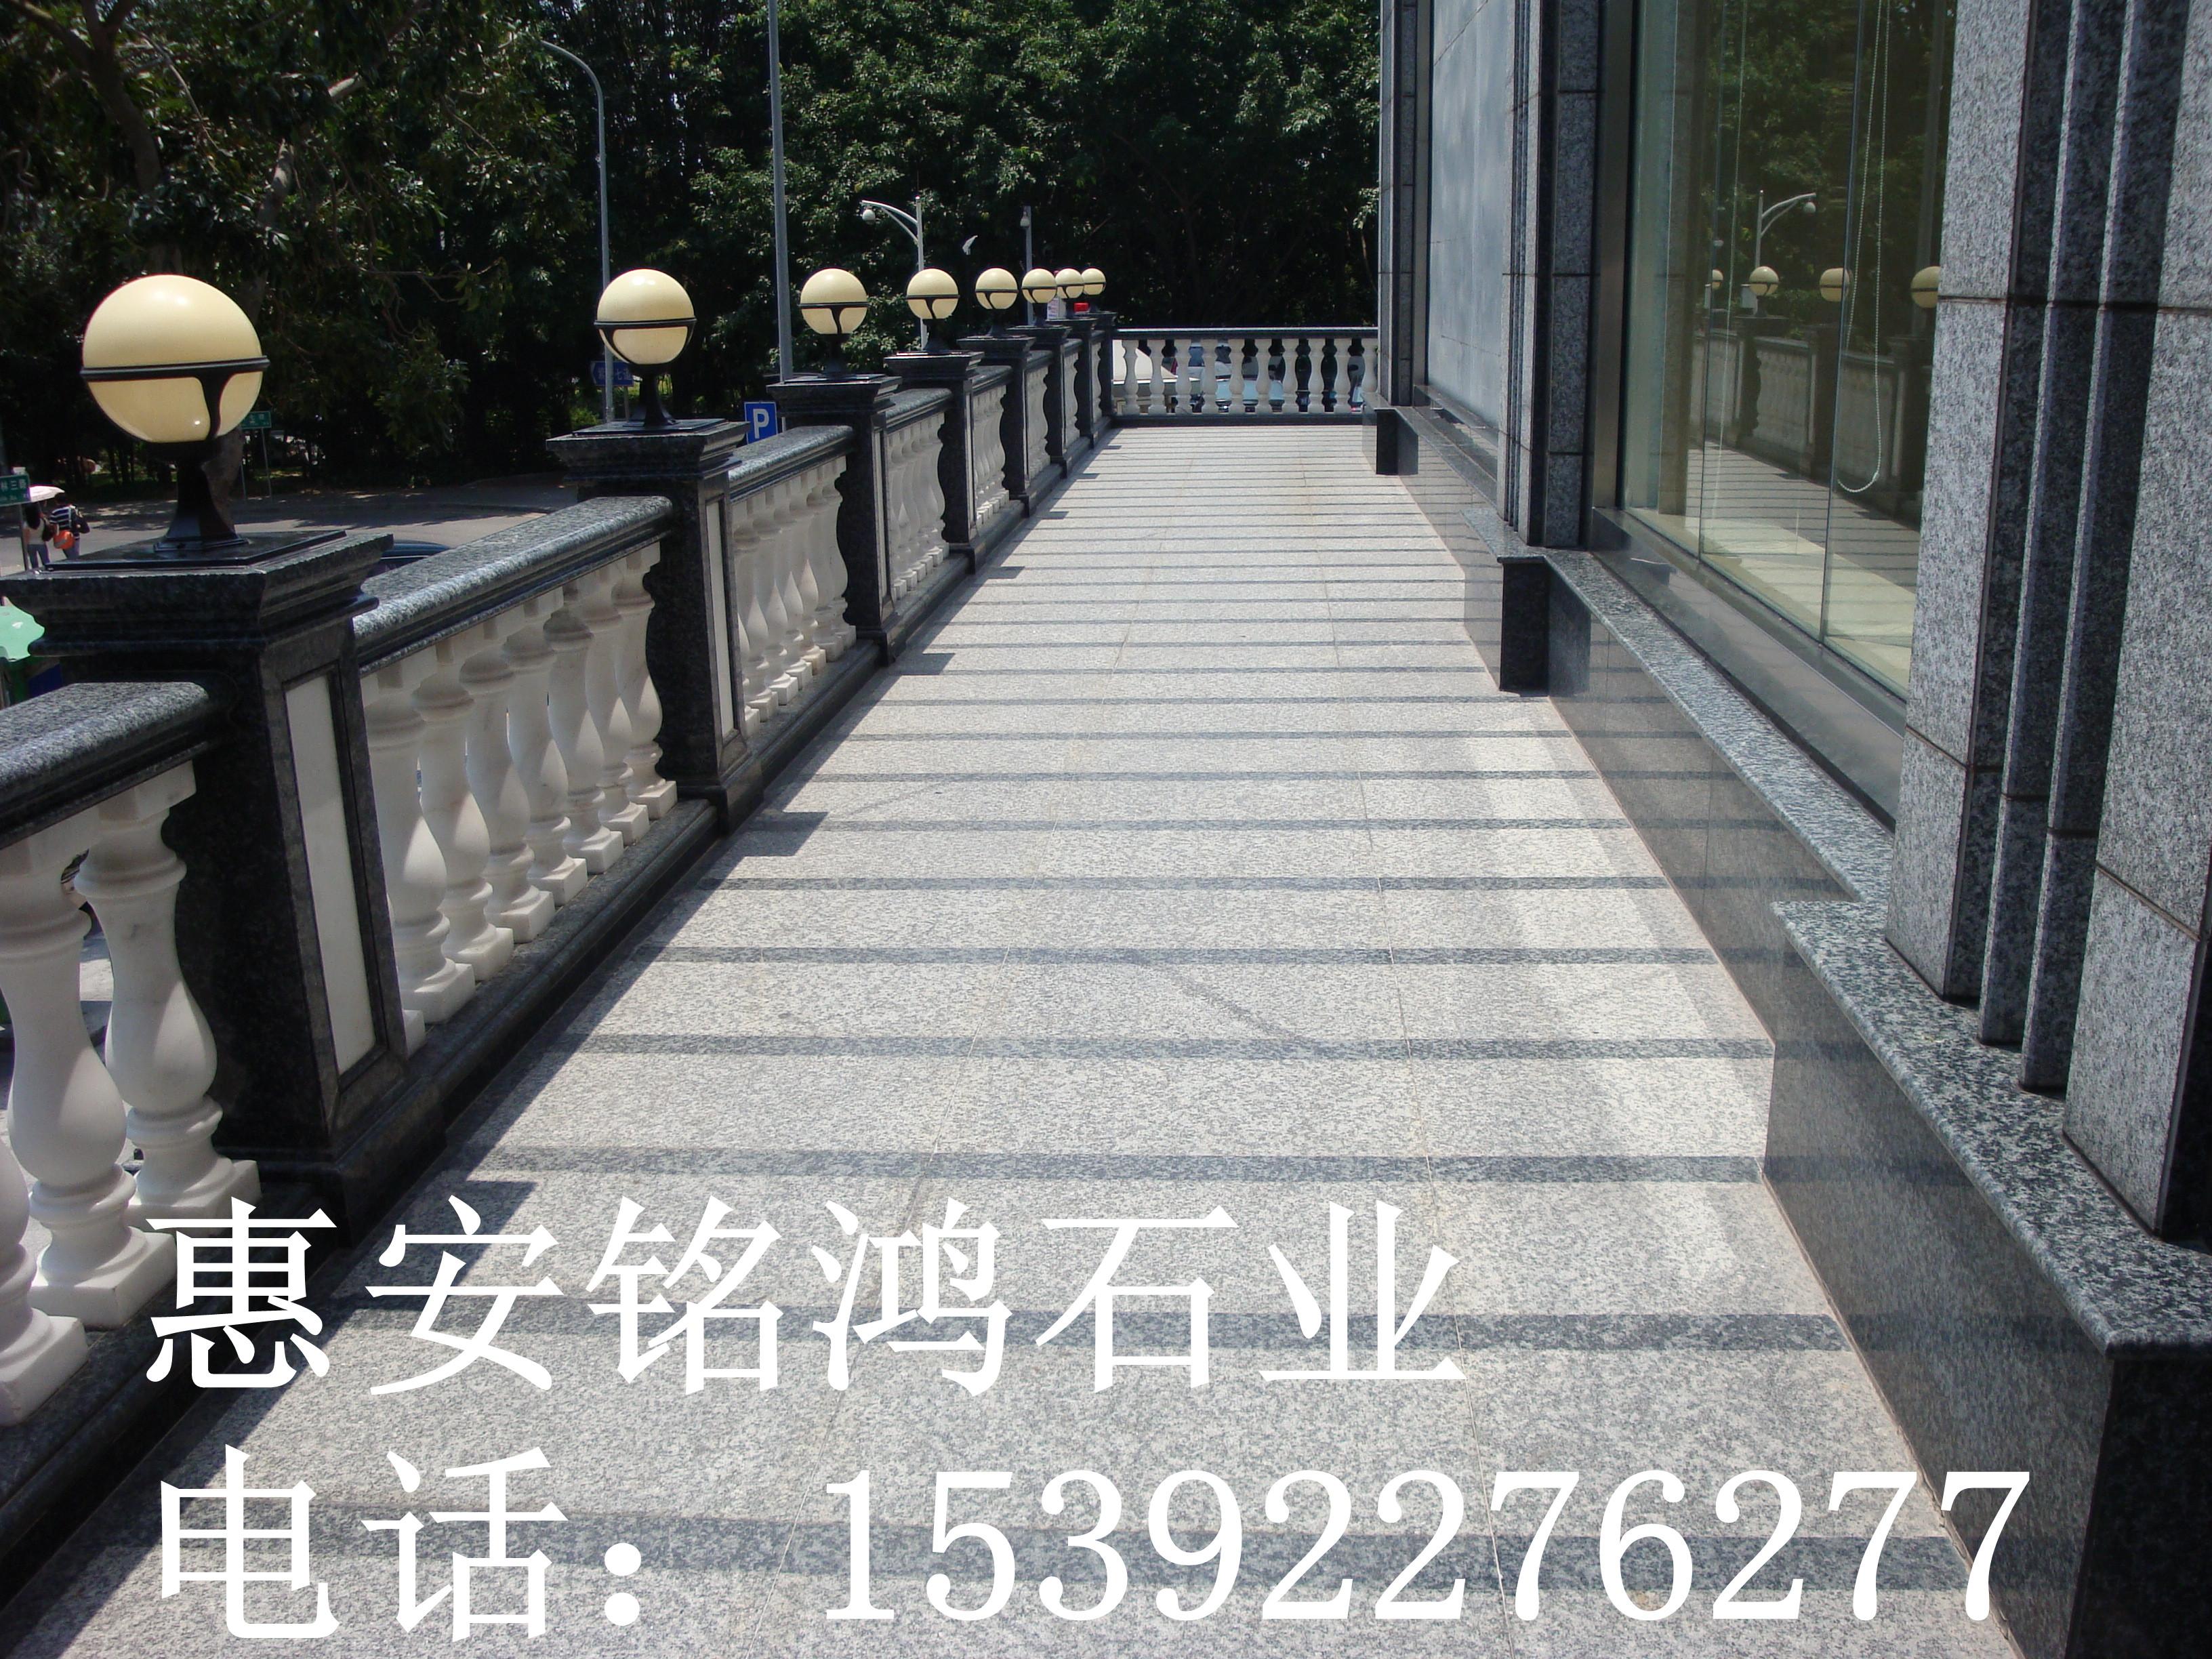 供应用于0|建筑的厂家供应石雕栏杆楼梯栏杆桥梁栏杆